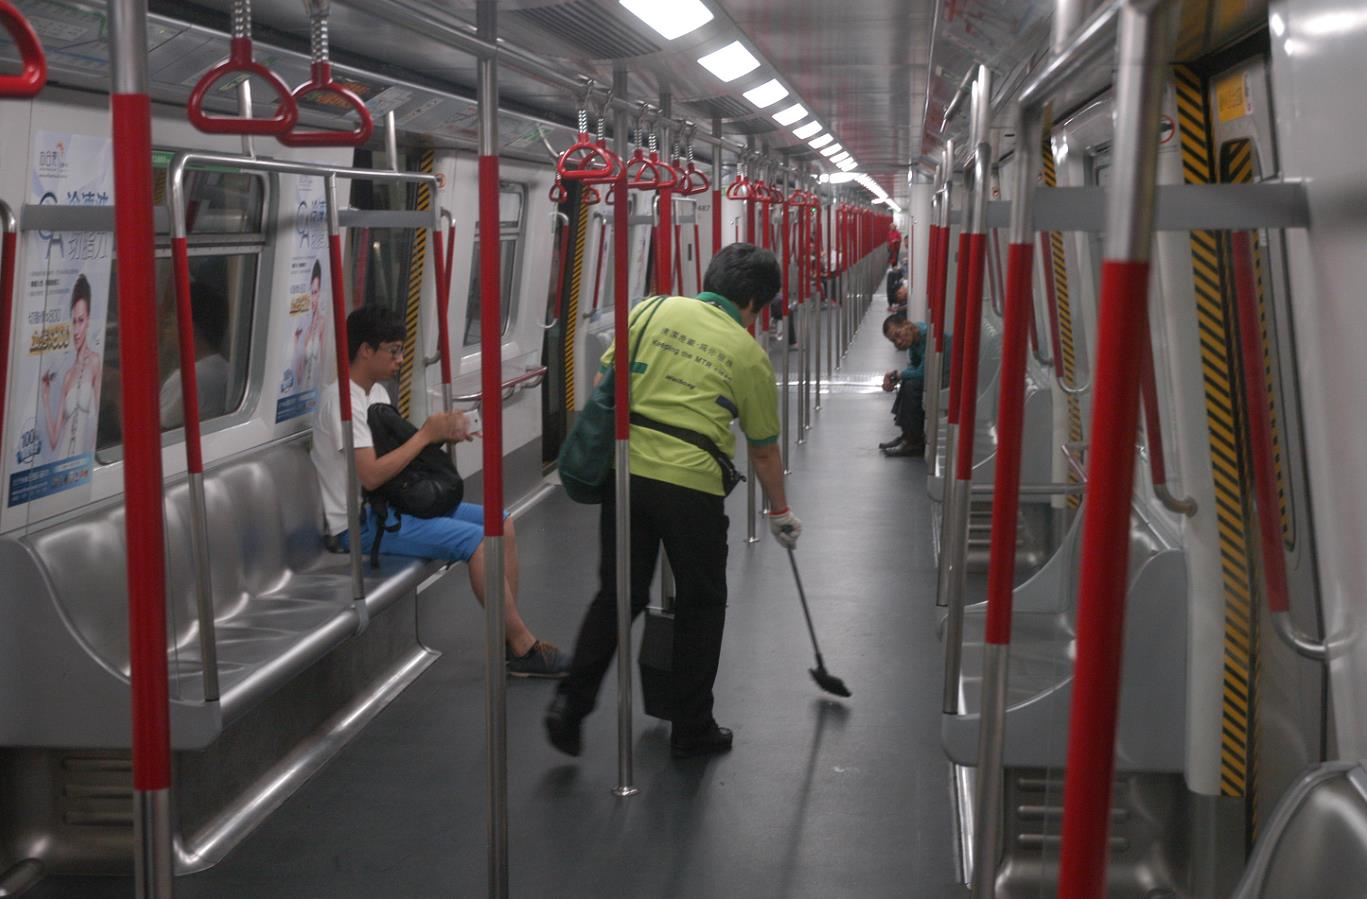 港鐵擬引入20部消毒機械人,協助清潔車廂車站(點新聞資料圖片)